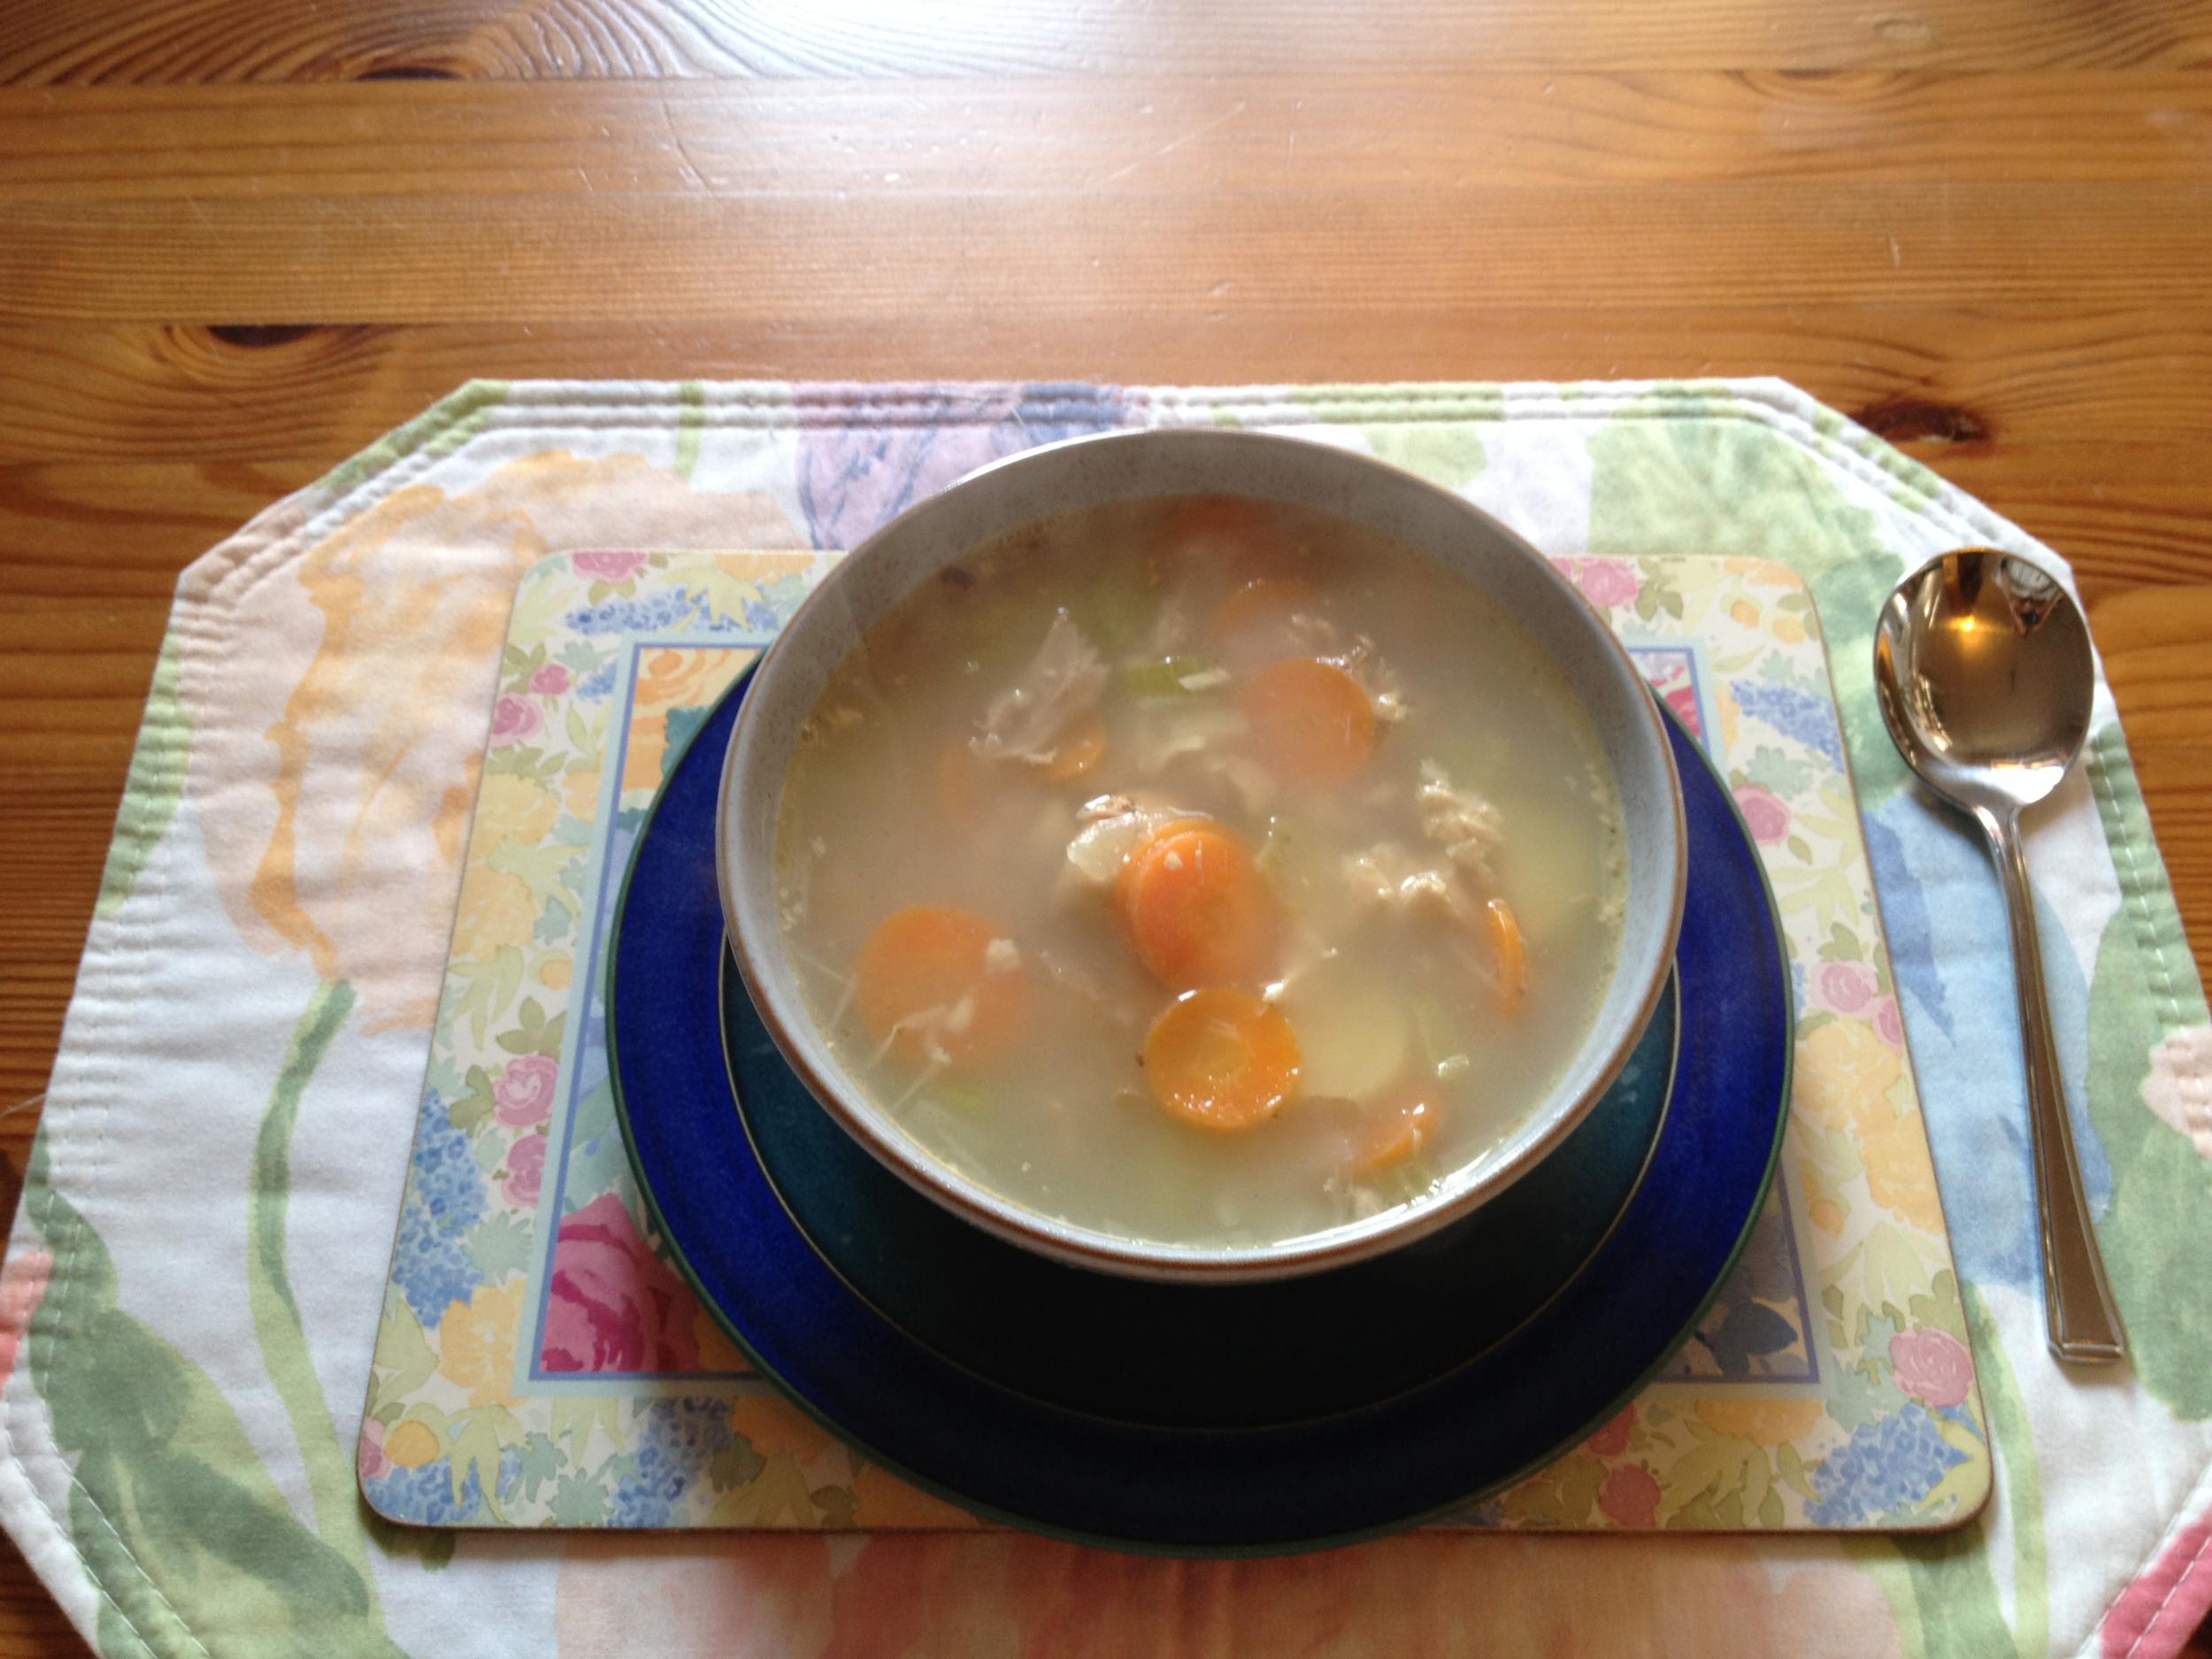 Day1 Dinner- Turkey & Veg Soup